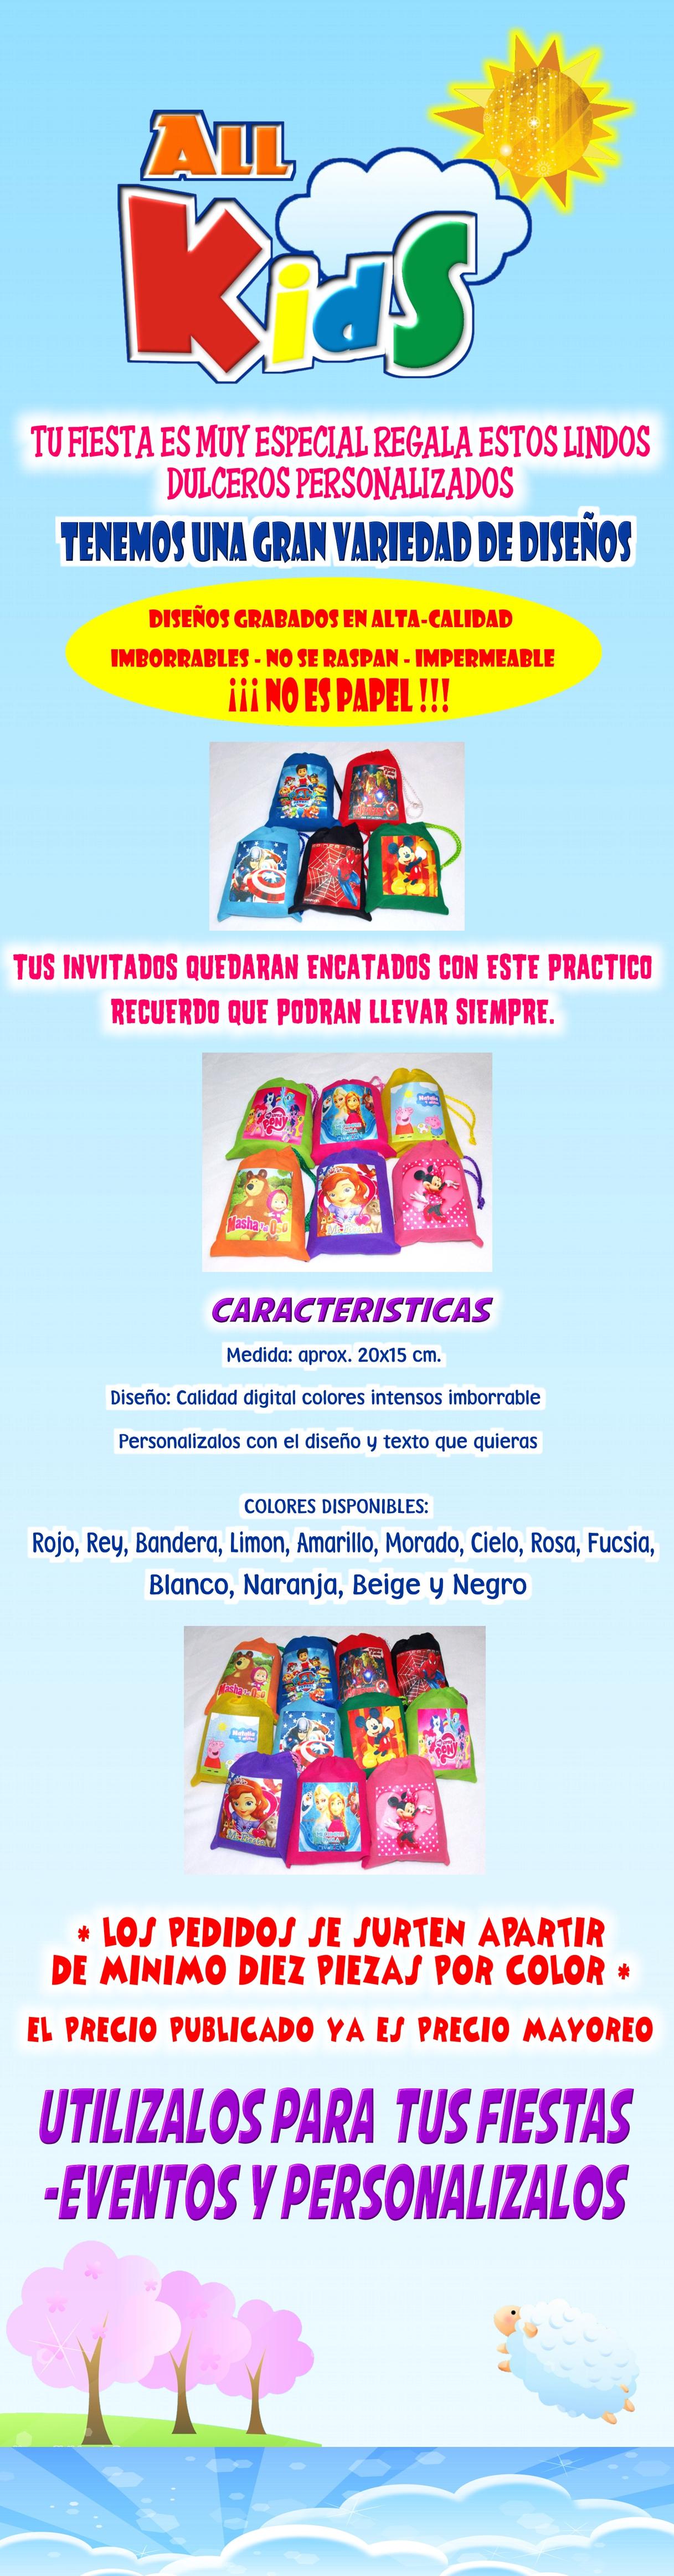 Costalito Morral Lapicero Personalizado Dulcero Bolo Recuerdo Aguinaldo Cotillon Fiesta Infantil Bautizo Baby Comunion Presentacion Evento